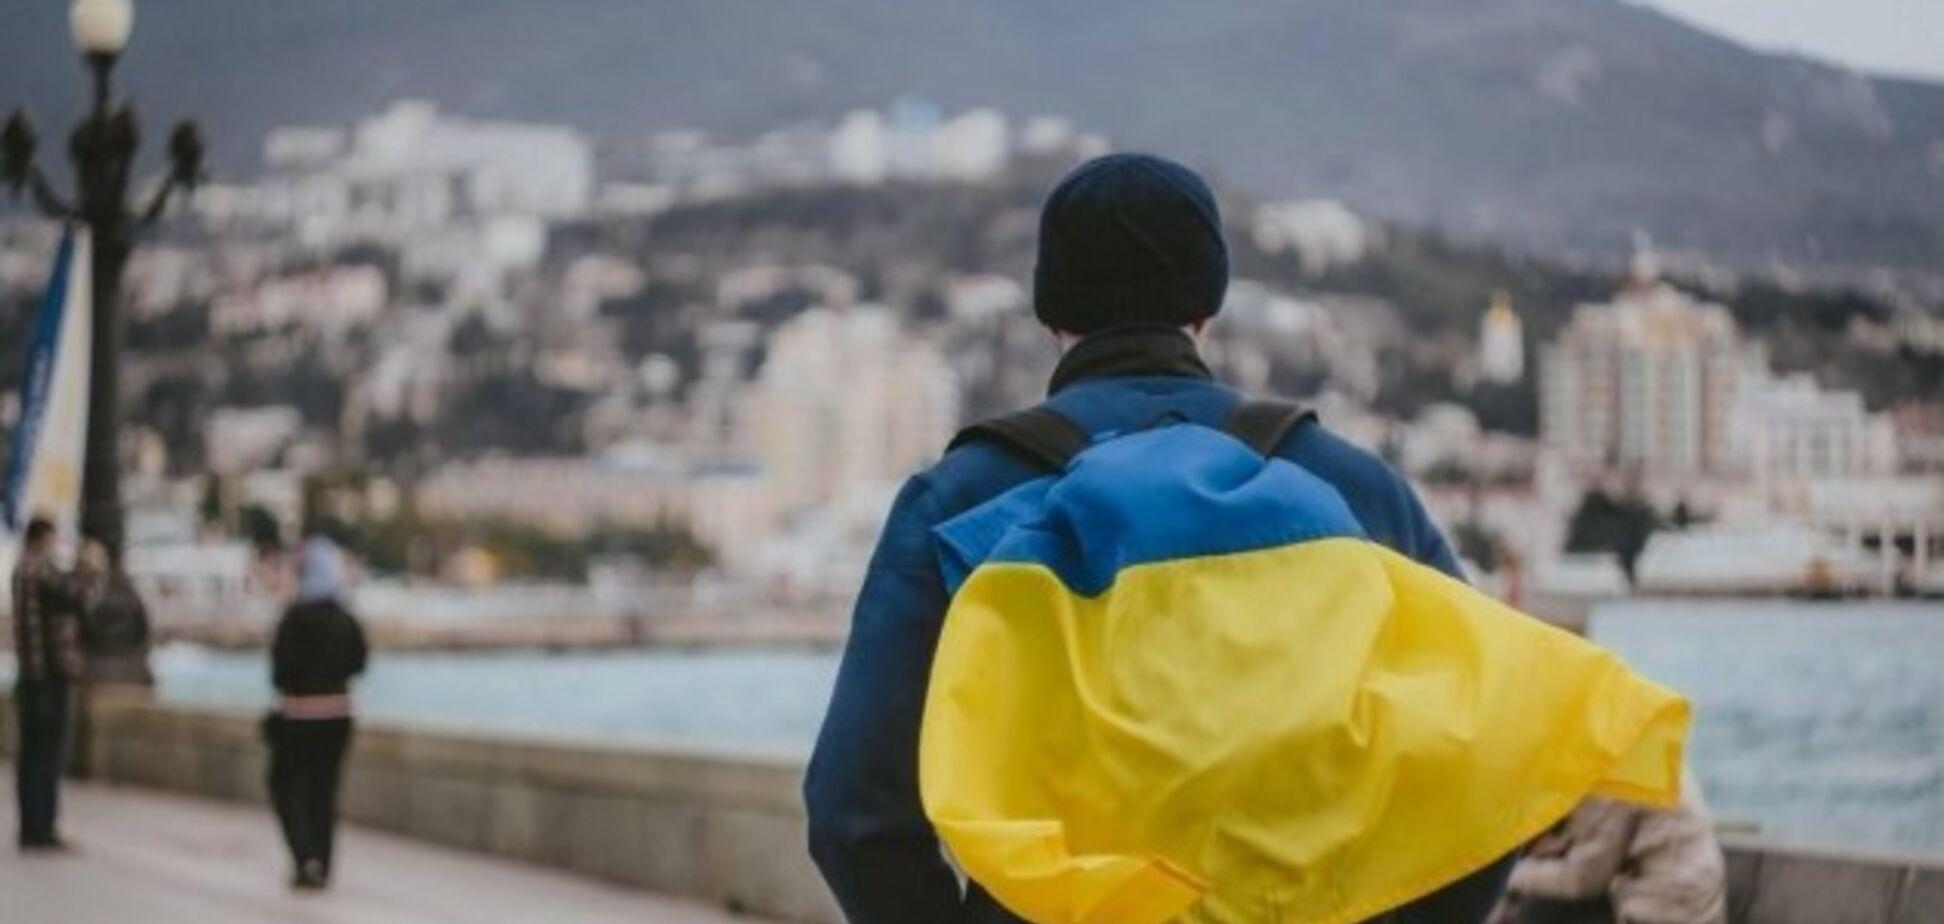 'Никогда не признаем!' Турция публично назвала Россию оккупантом из-за Крыма